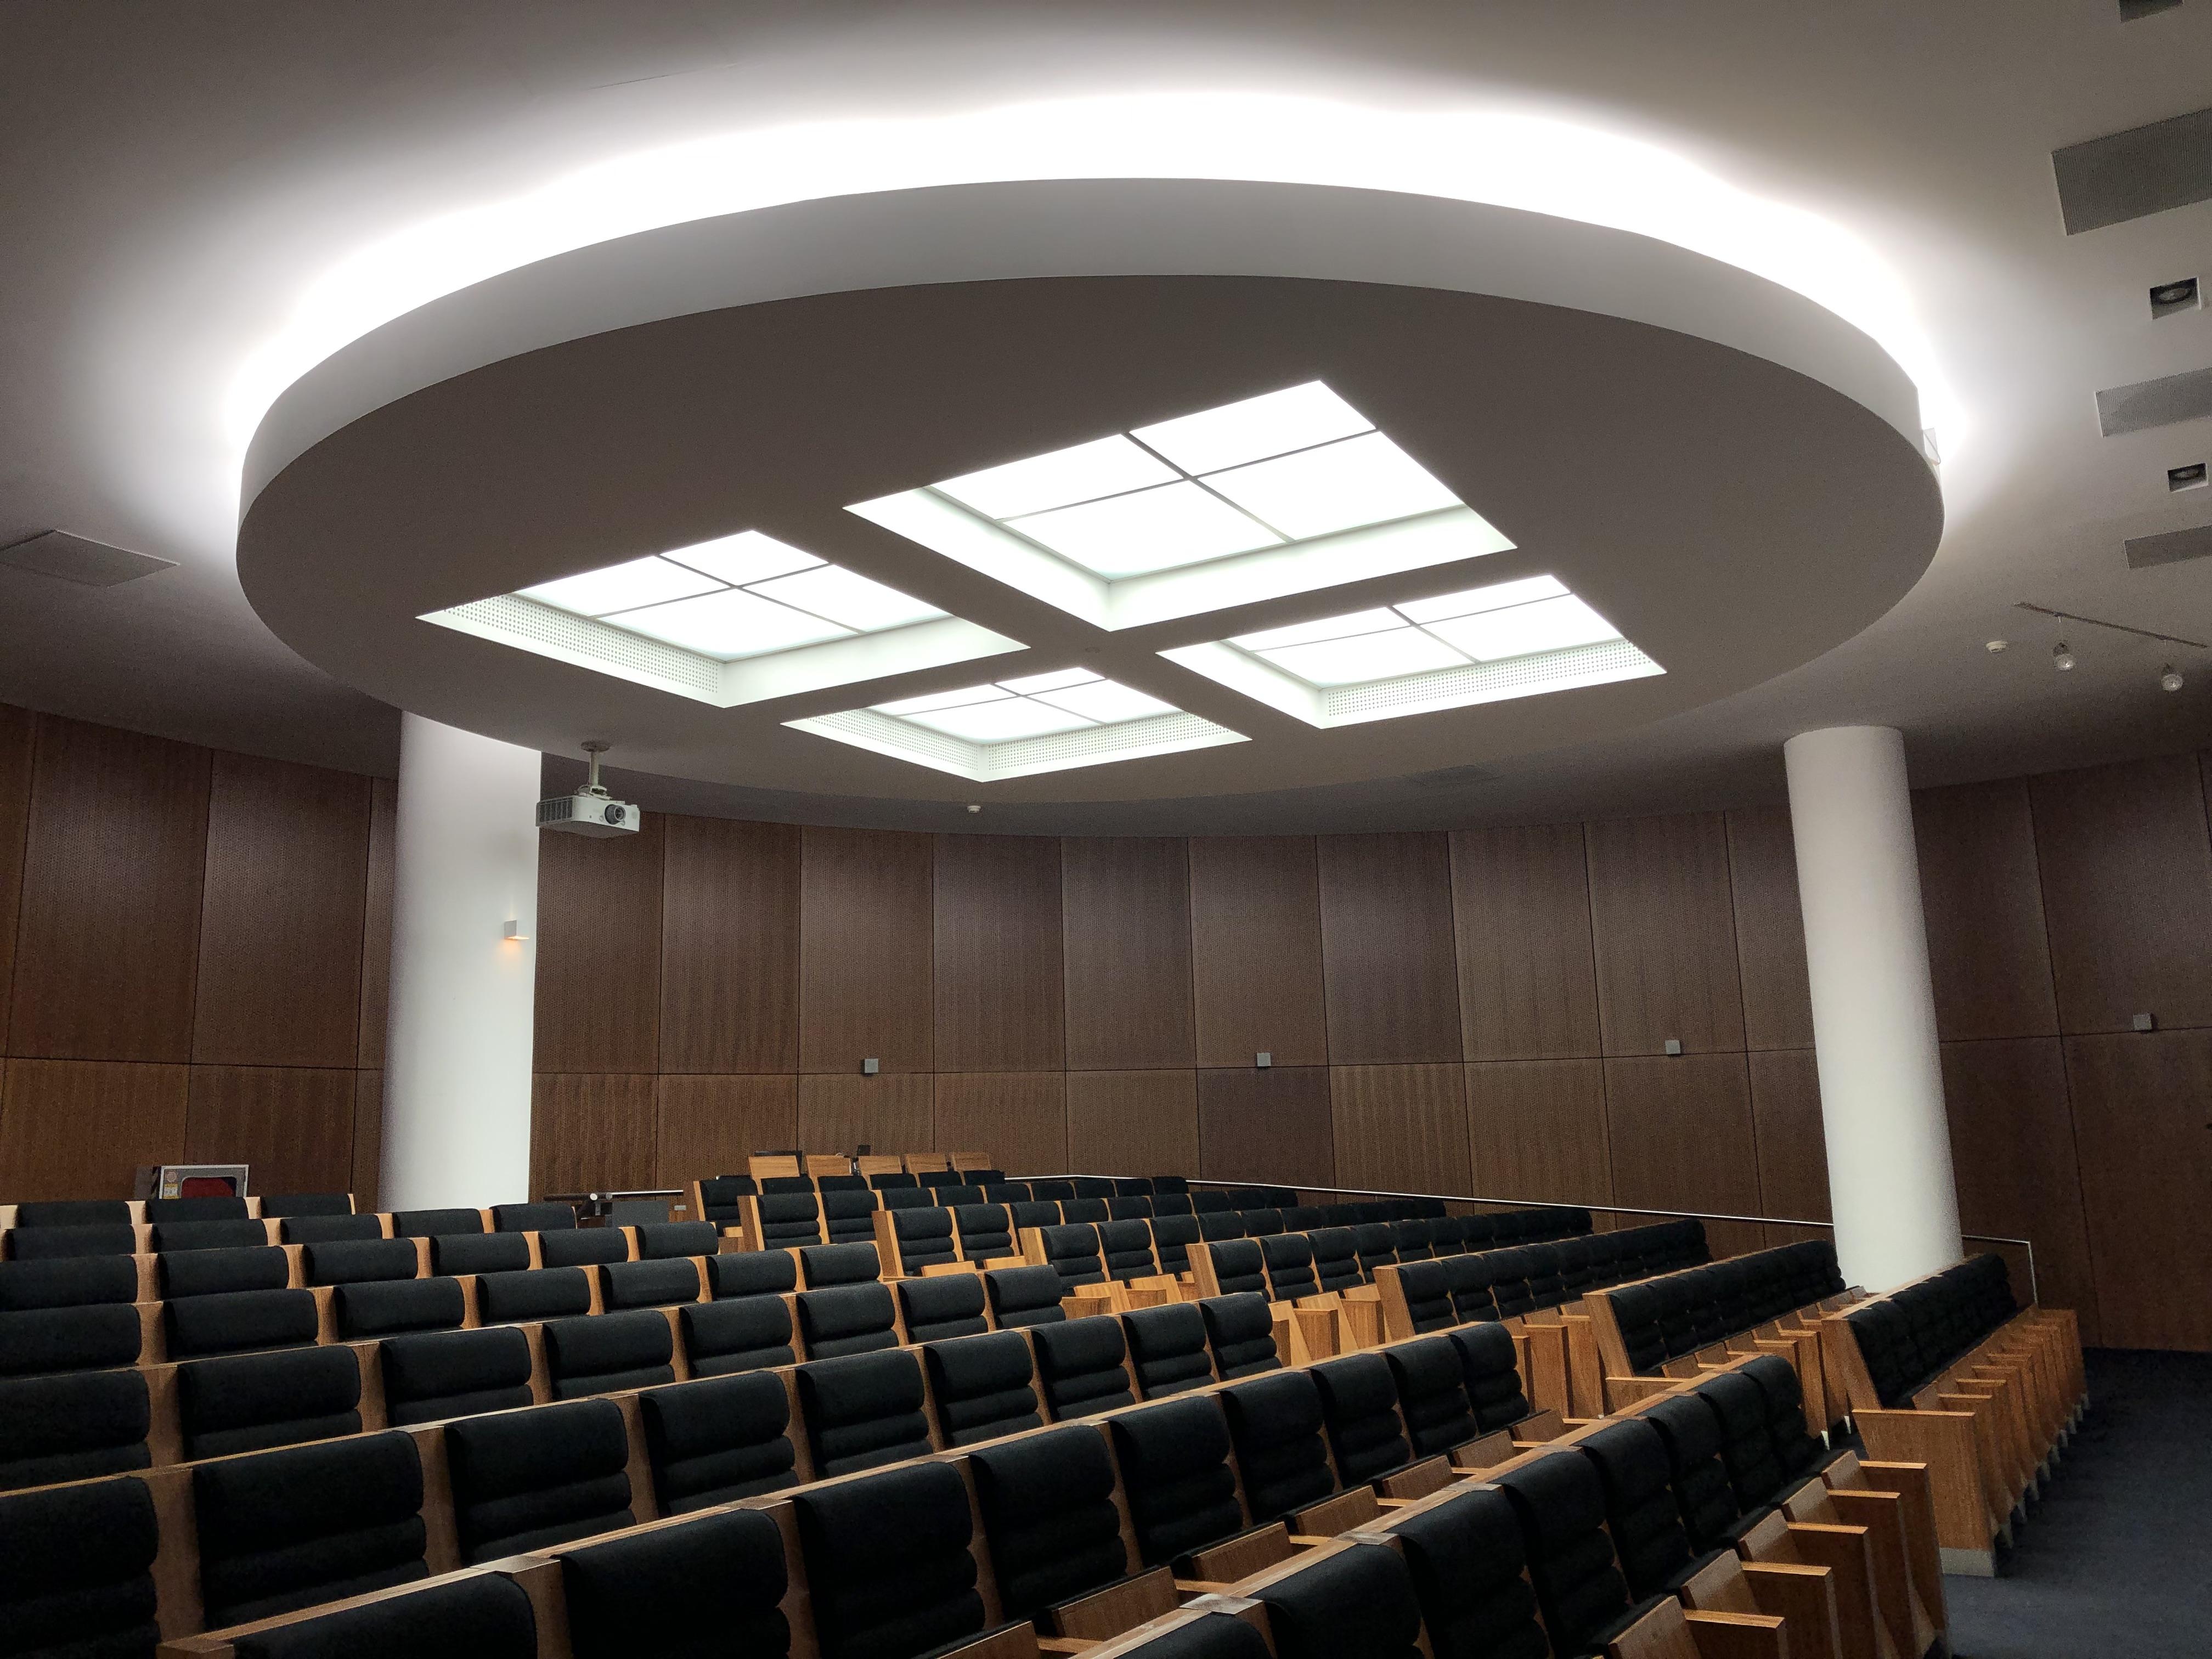 Centro Hospitalar Universitário do Porto: Iluminação Interior